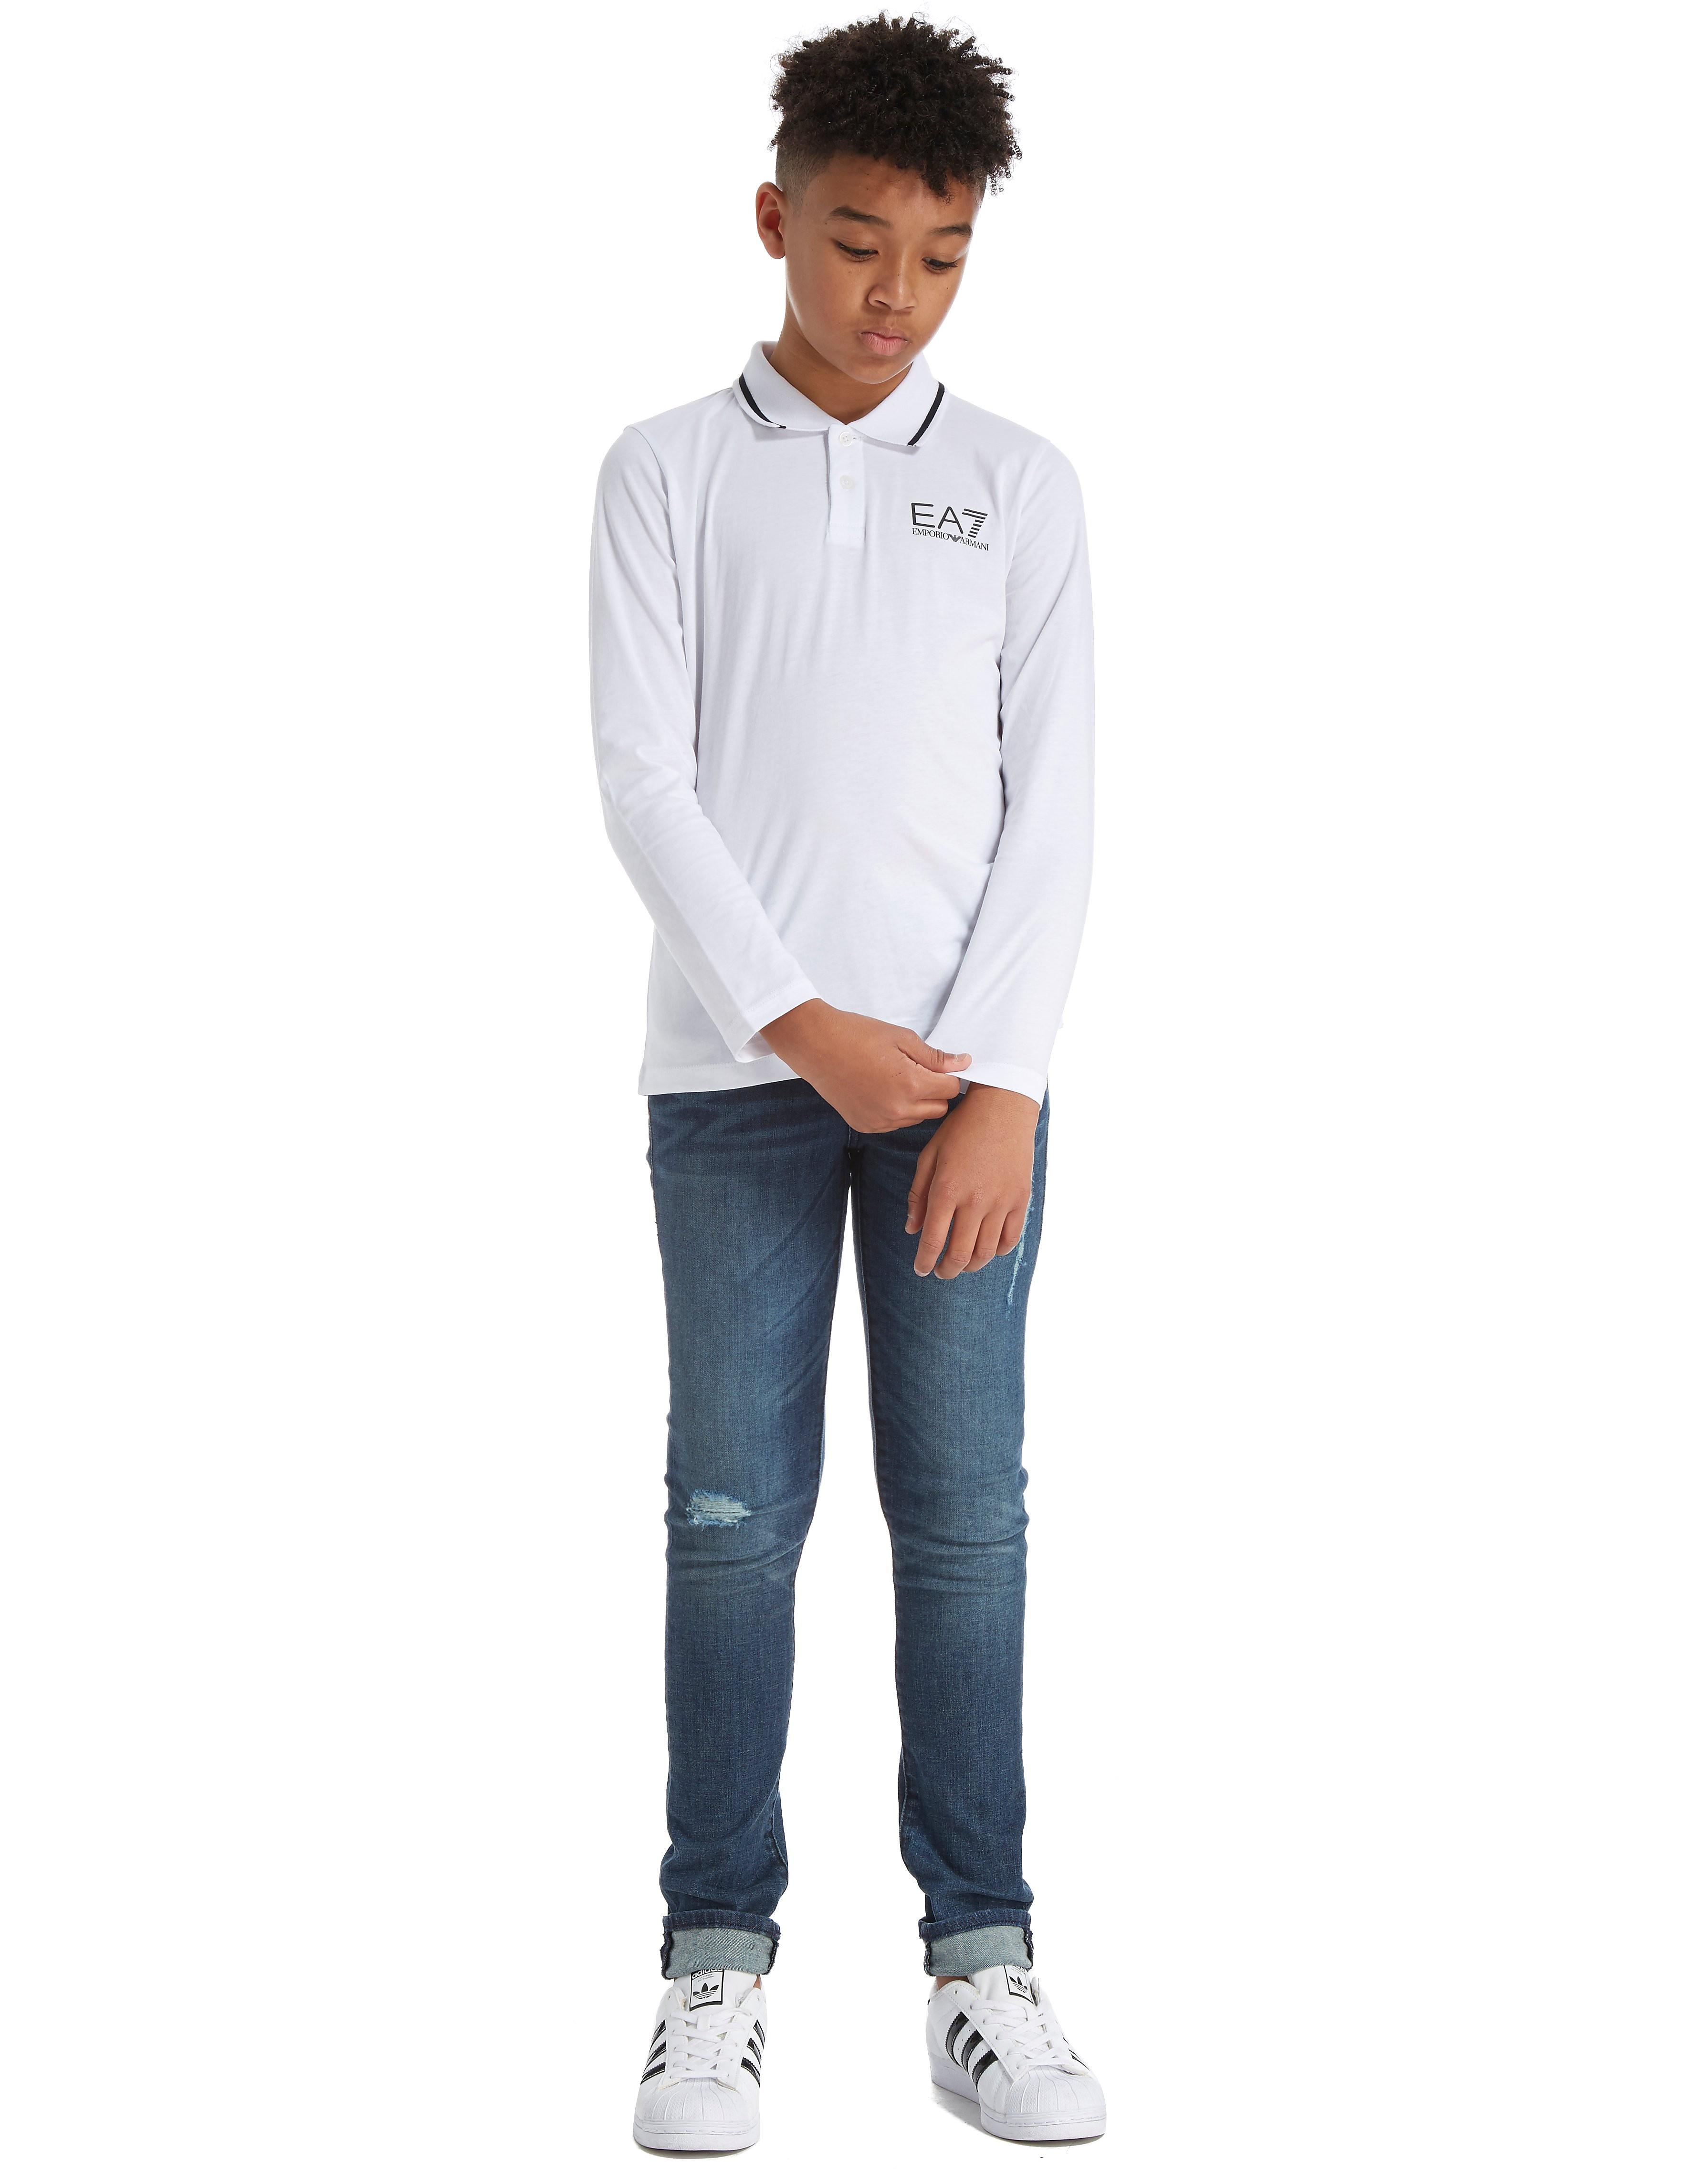 Emporio Armani EA7 Long Sleeve Jersey Polo Shirt Junior